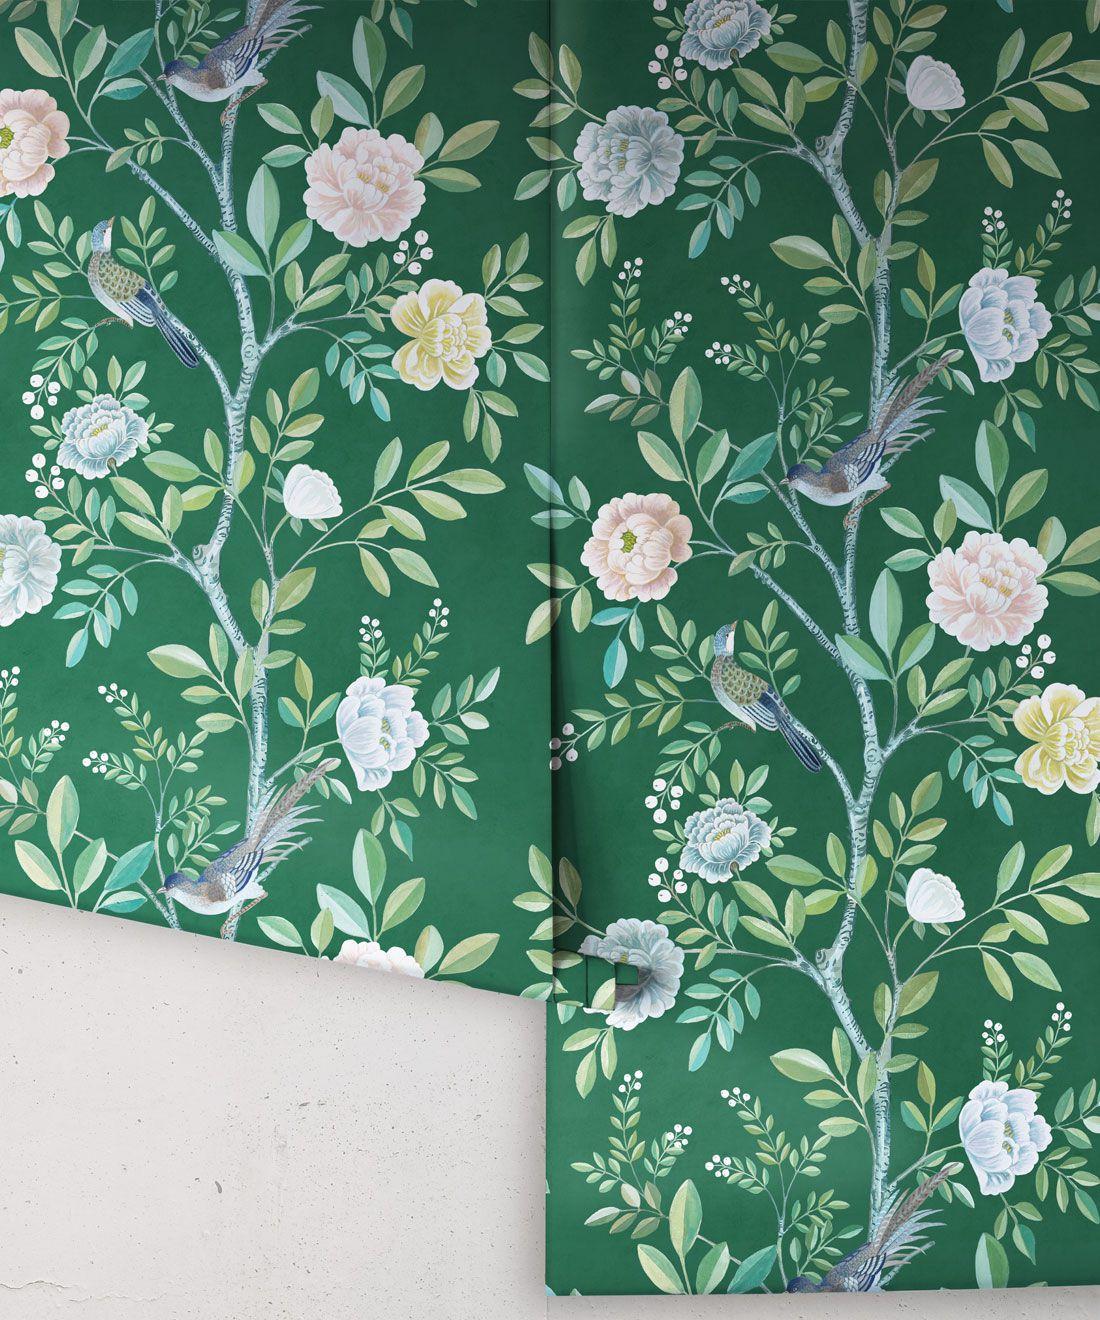 Chinoiserie Wallpaper •Floral Wallpaper •Bird Wallpaper • Magnolia • Emerald Green • Rolls